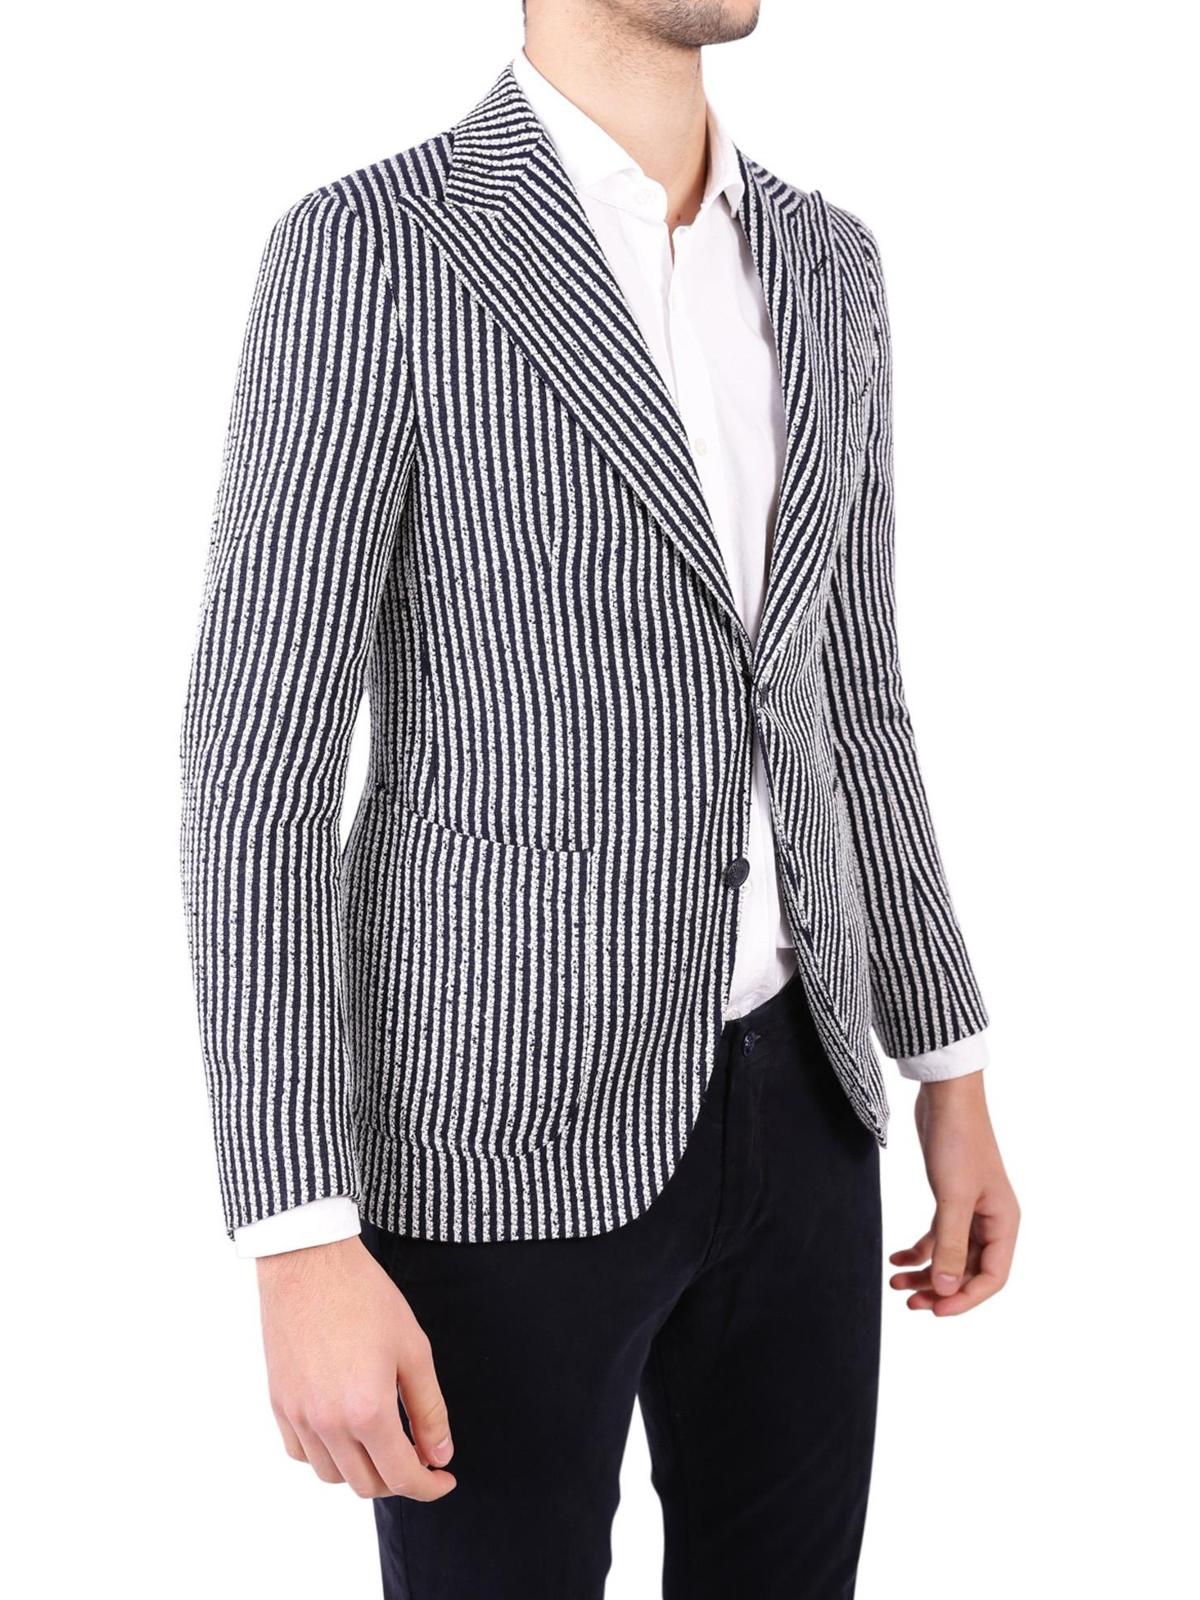 check out ec7d1 1815f Tagliatore - Giacca in misto lino a righe - giacche blazer ...